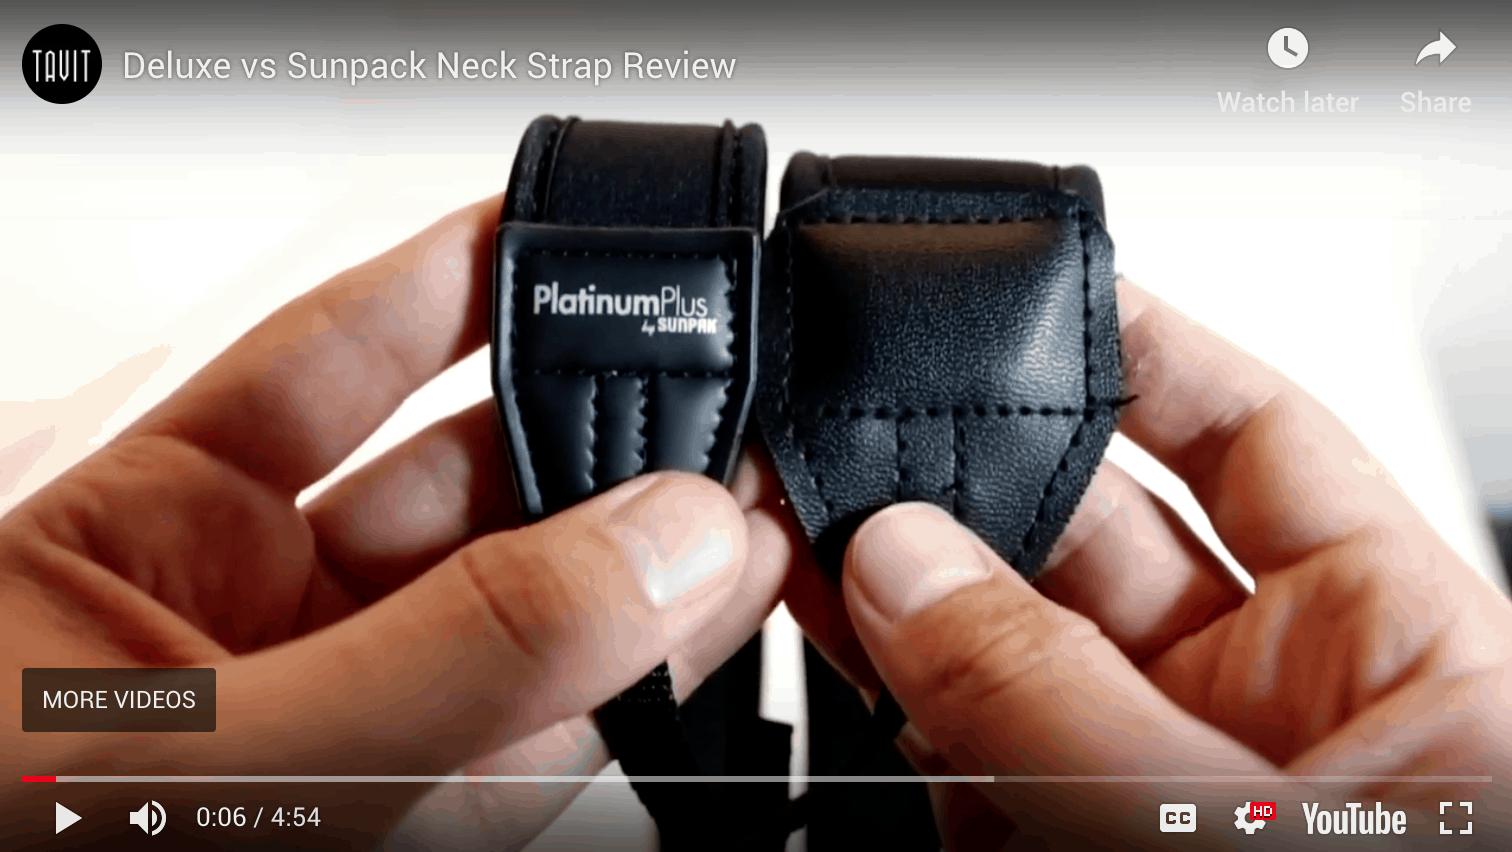 Deluxe vs Sunpack Neck Strap